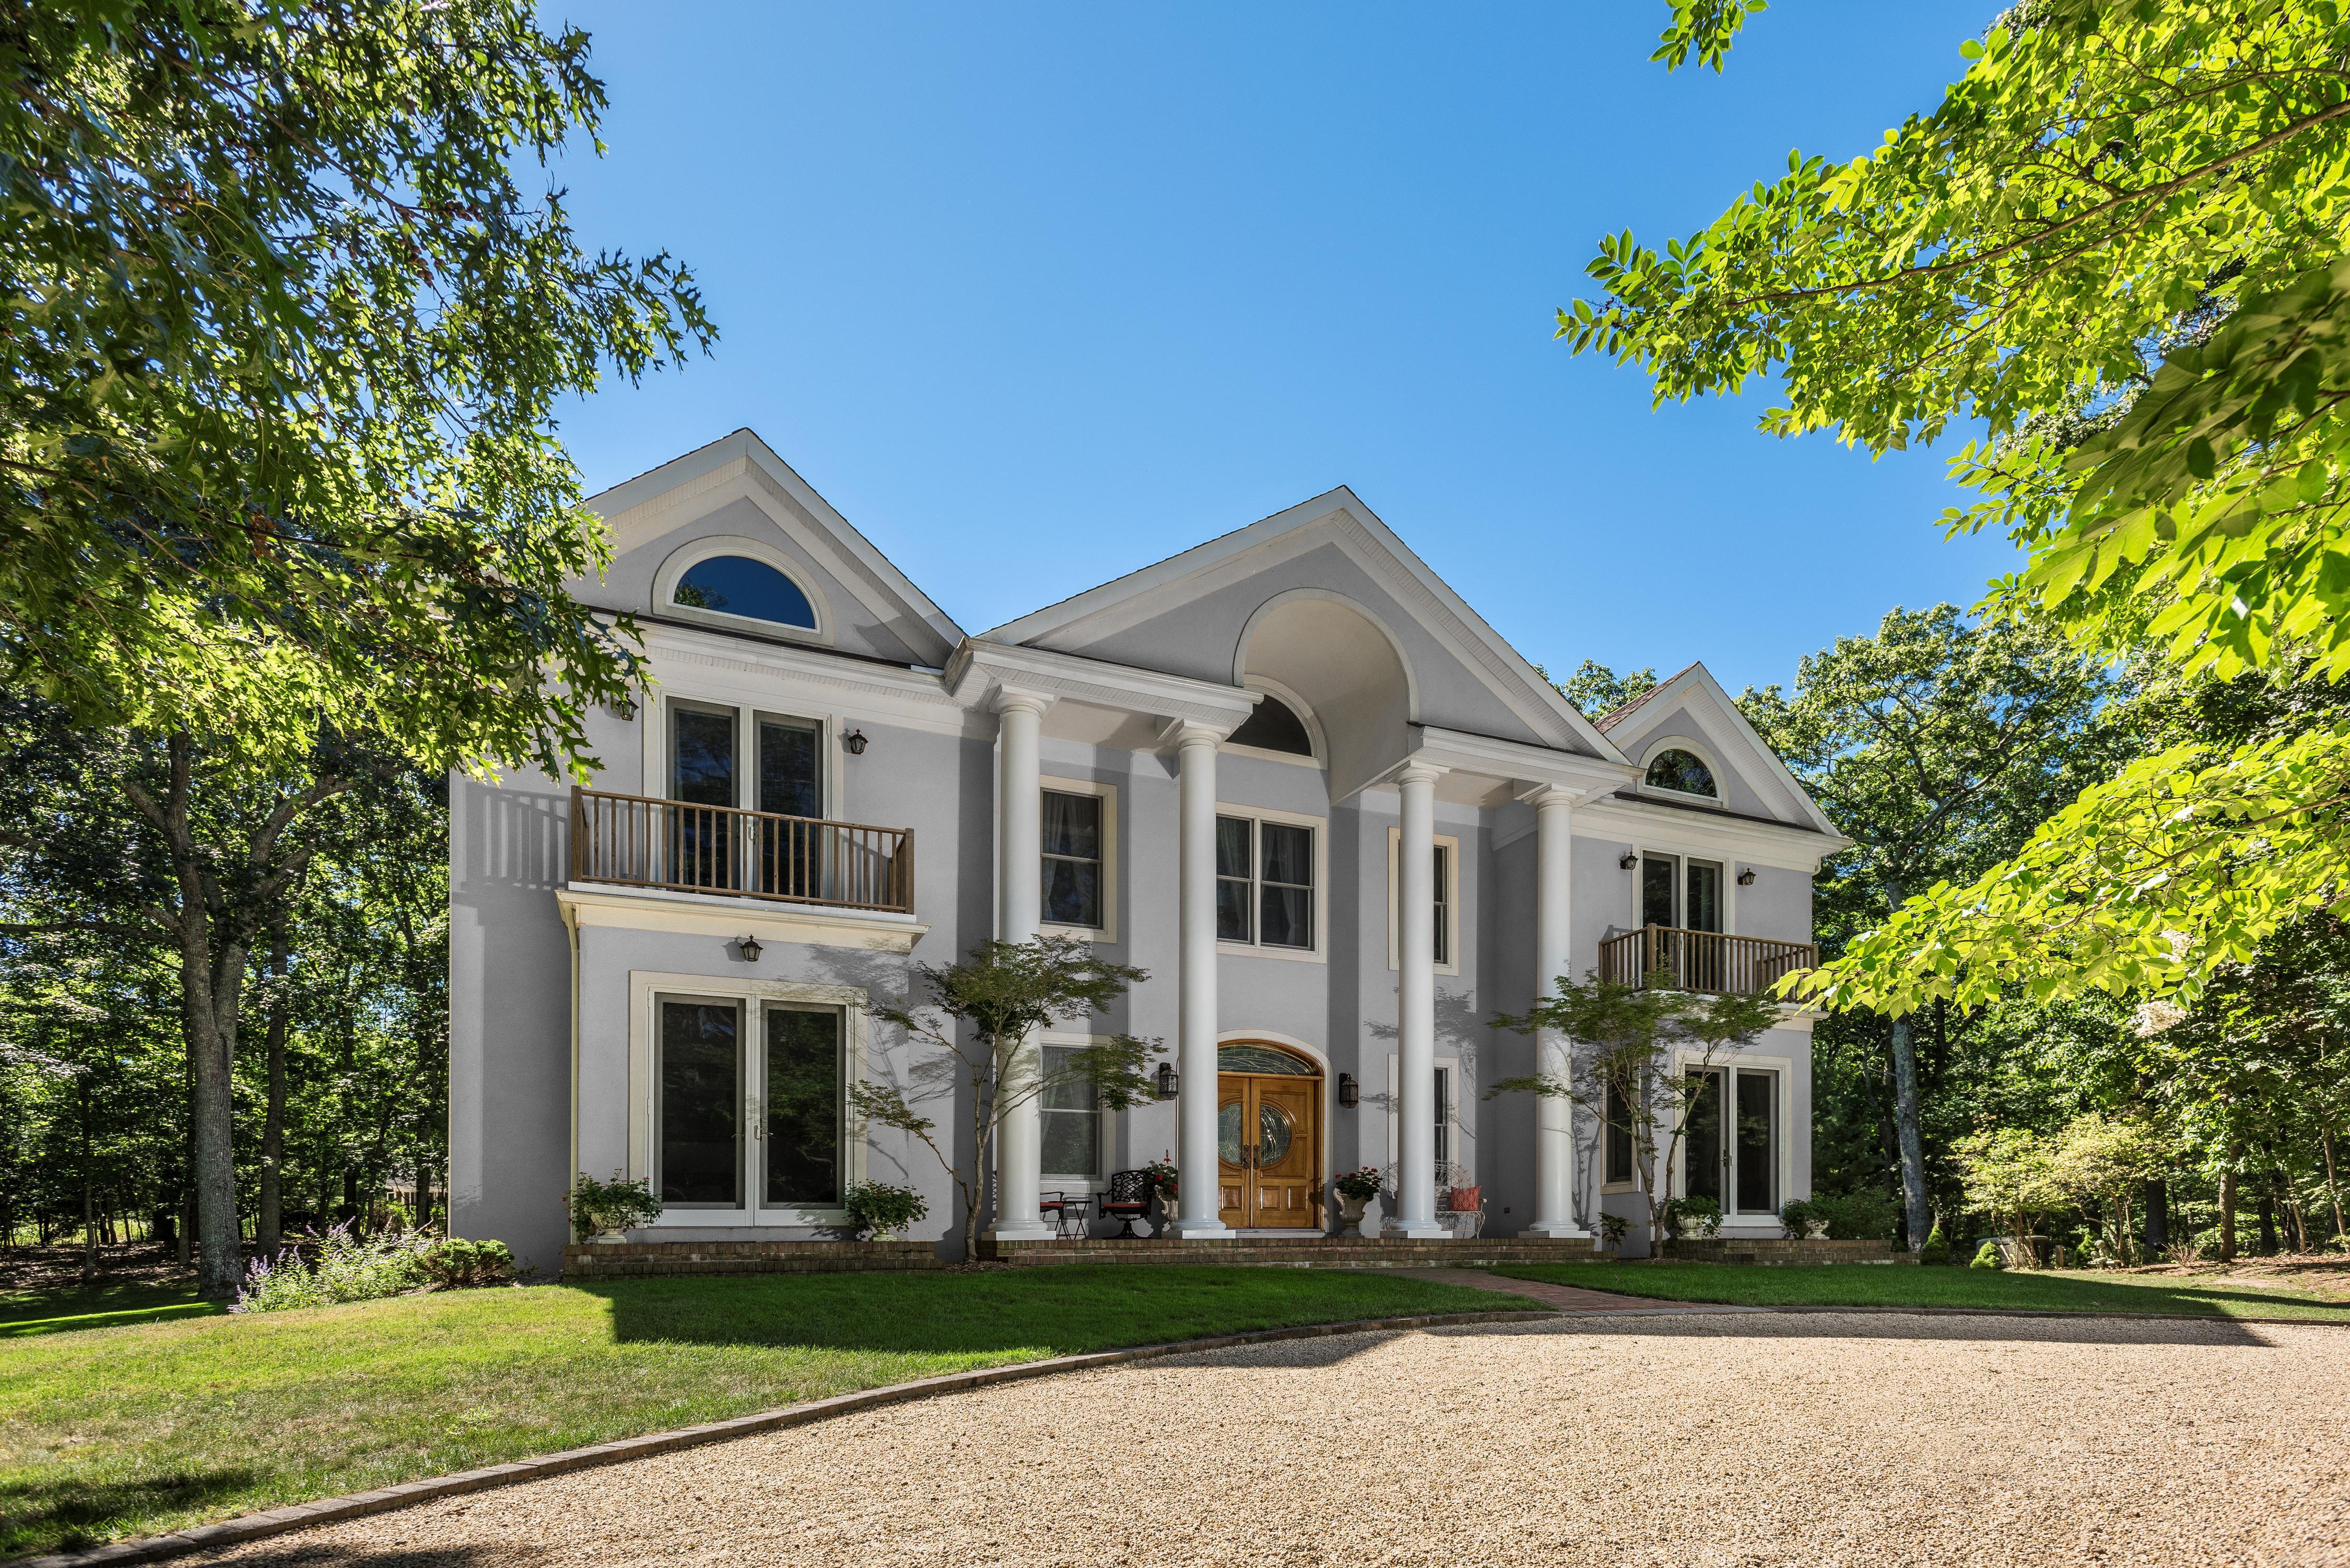 Paradise housefront newpaint